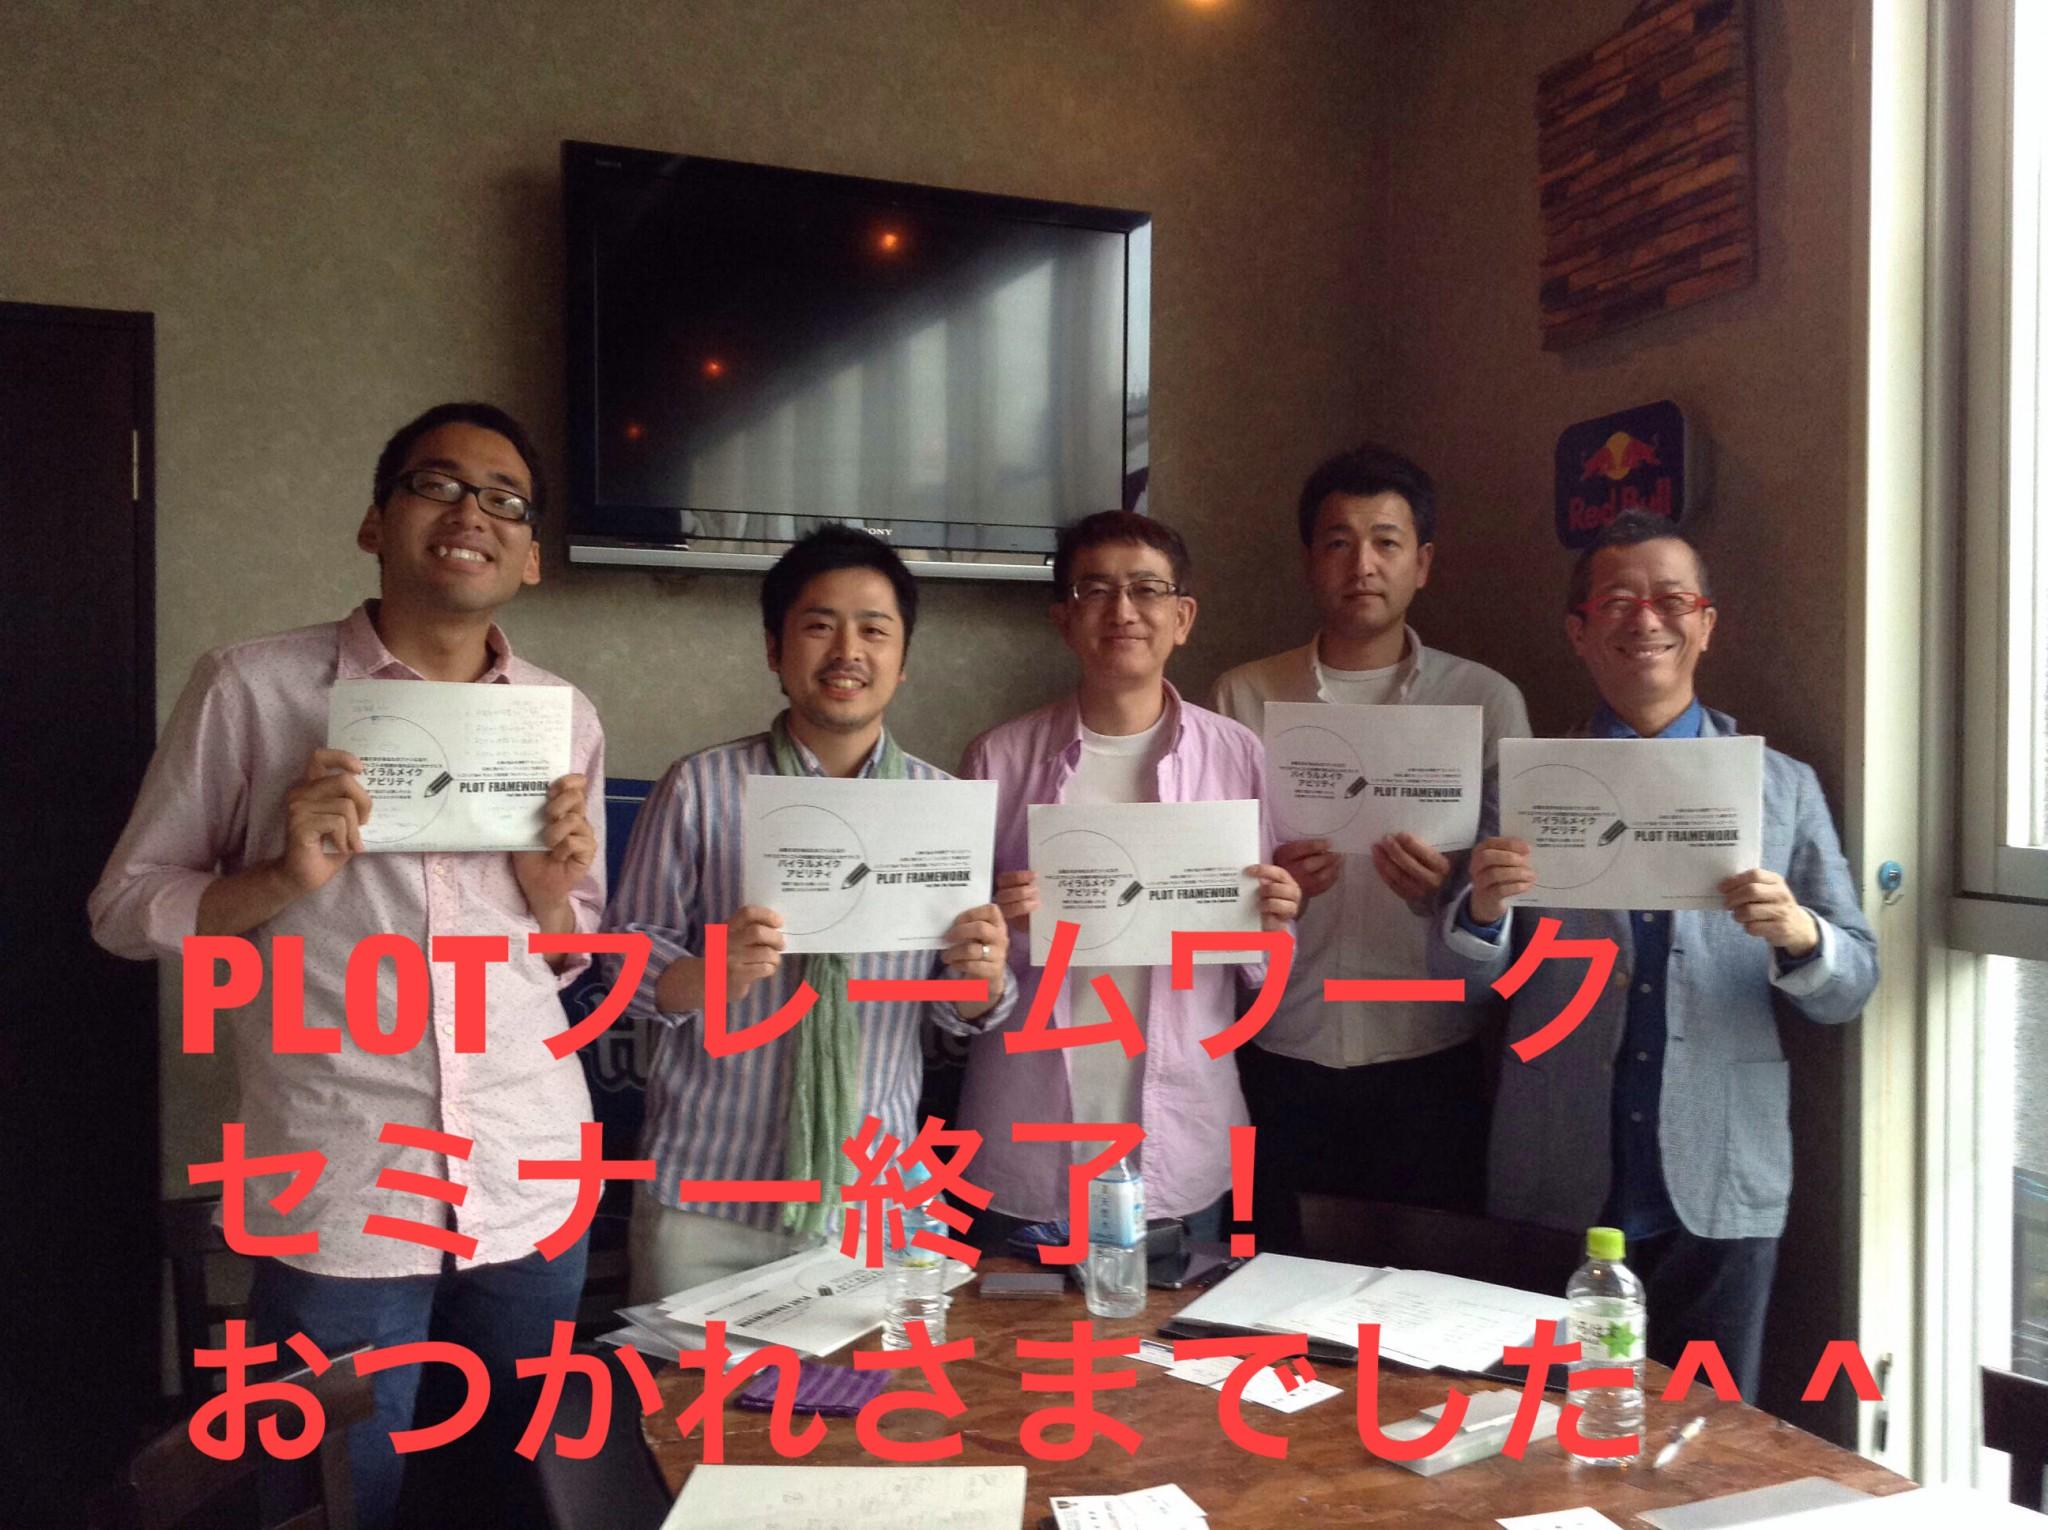 PLOTフレームワーク名古屋起業セミナーレポート2014年5月24日